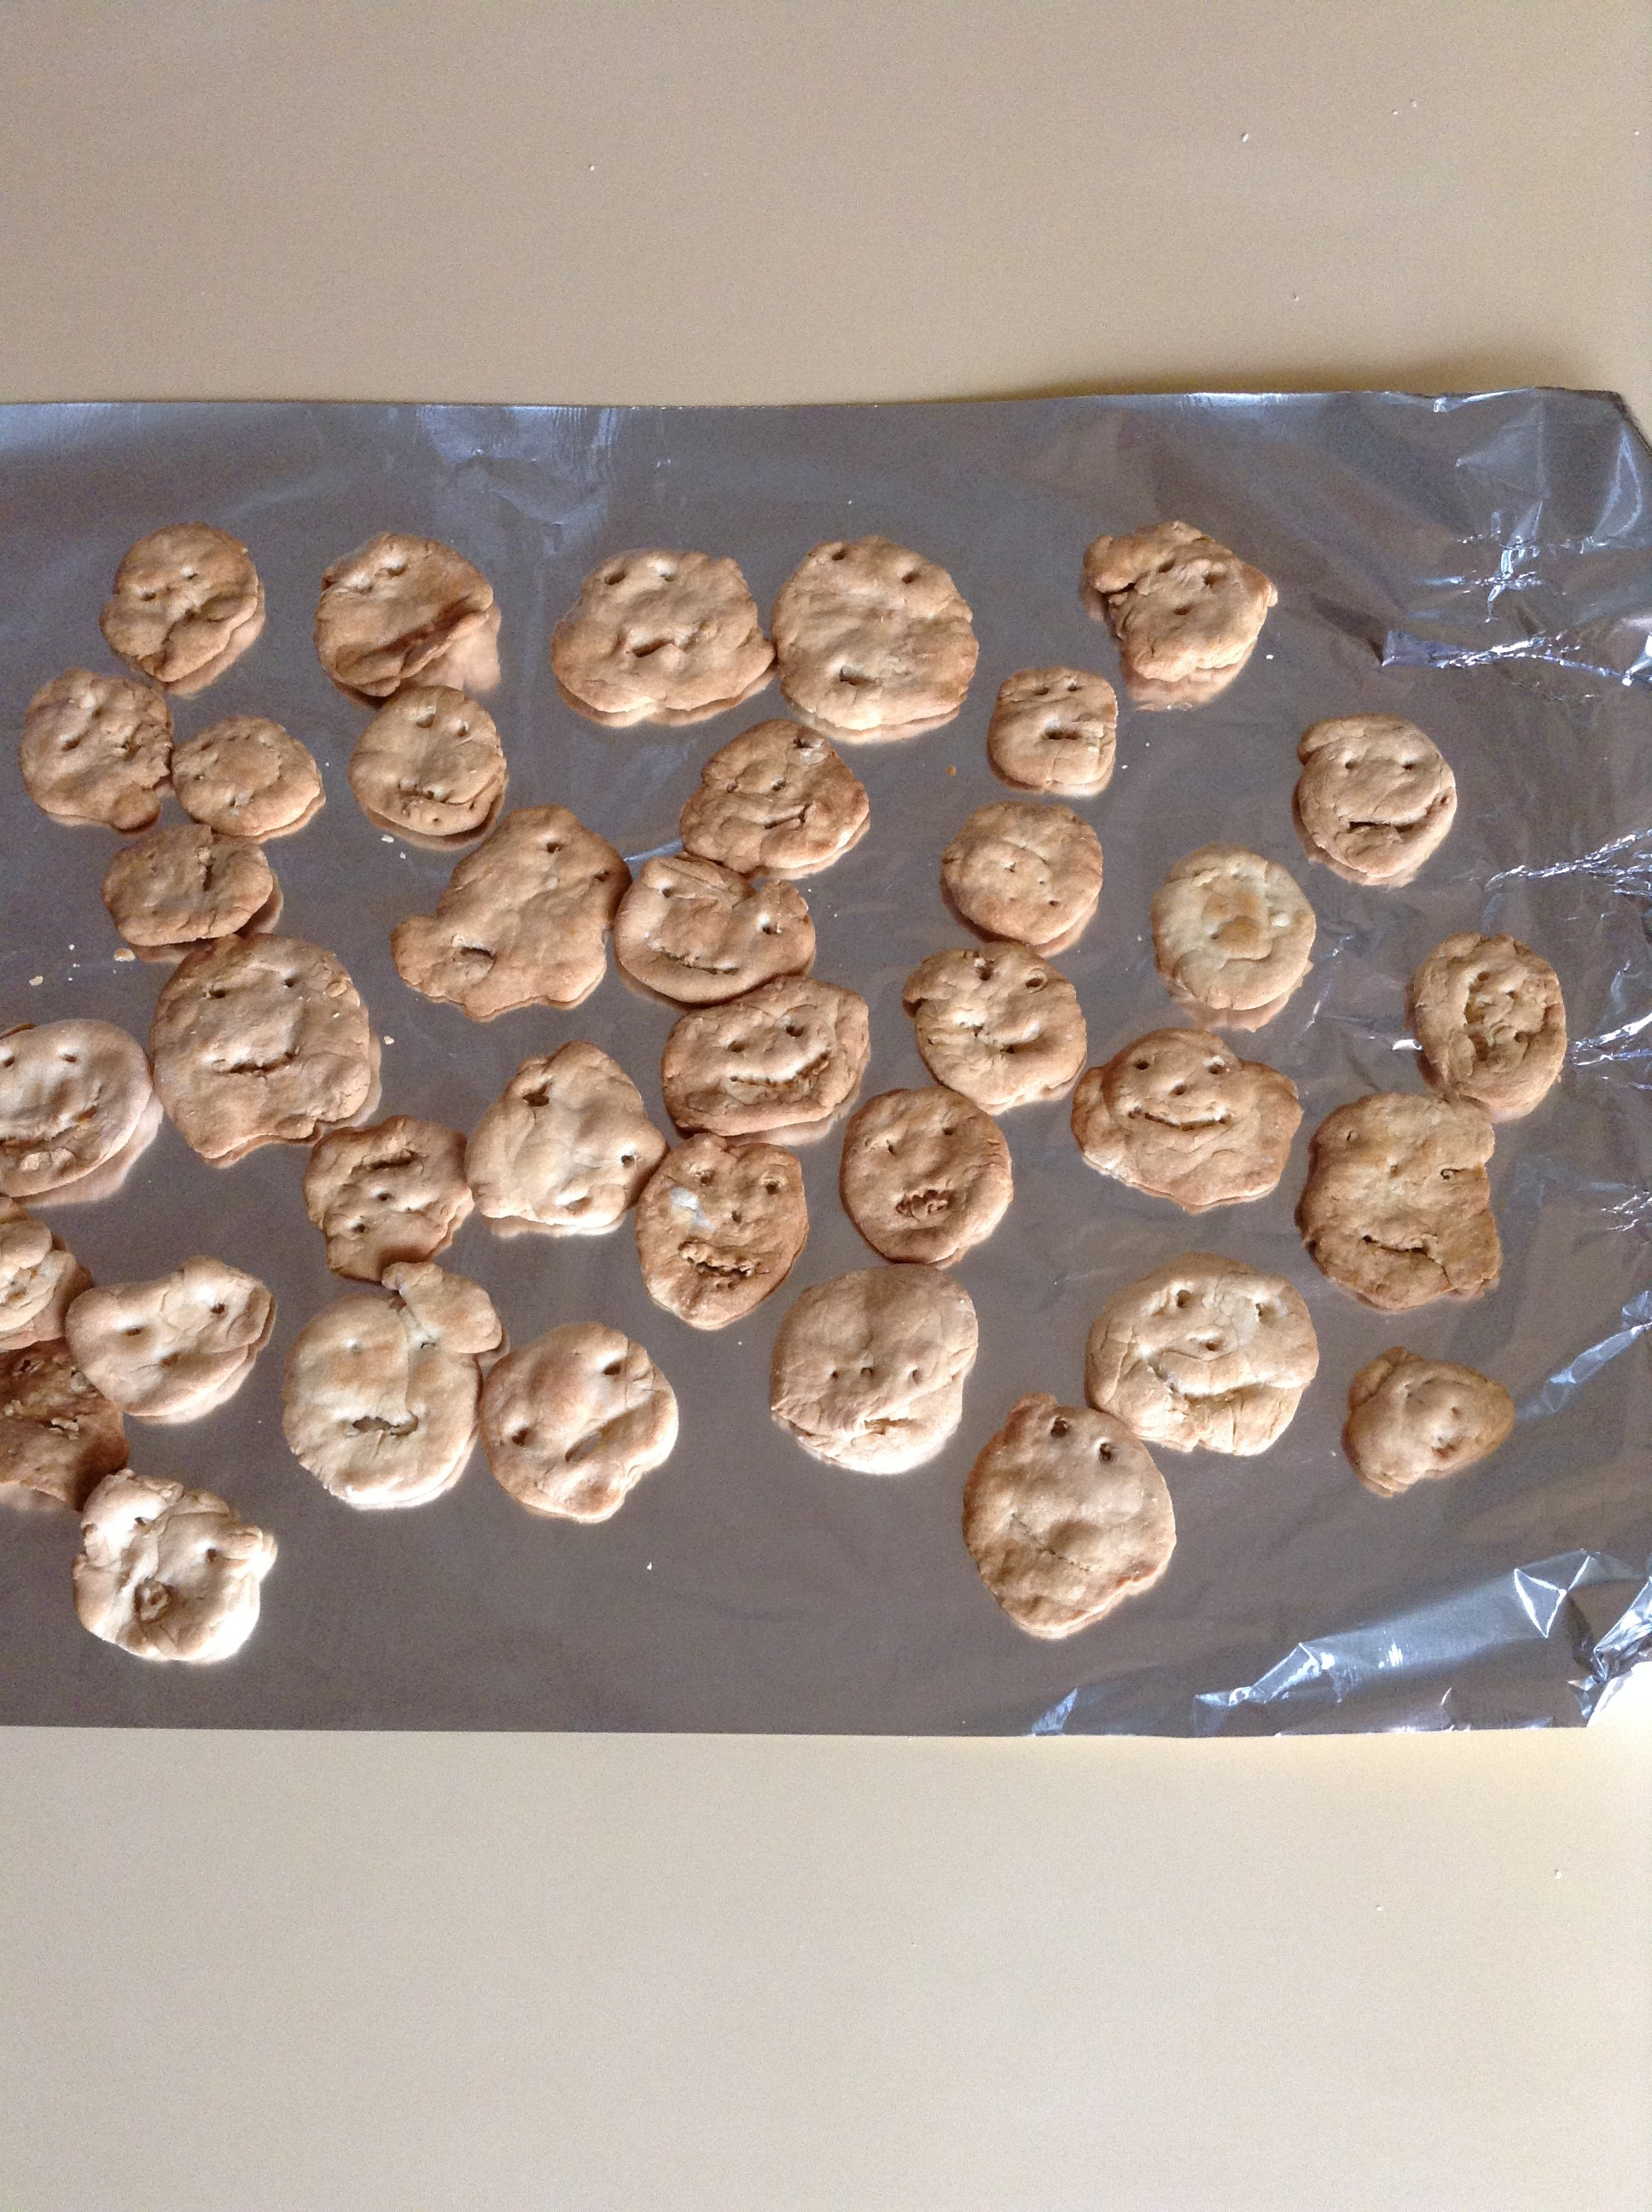 そして、材料を混ぜて生地に顔をかき・・・焼きあがったクッキーを見て 「わぁ、かわいい~」と大絶賛。様々な表情の愛嬌たっぷりのクッキーに仕上がりました。